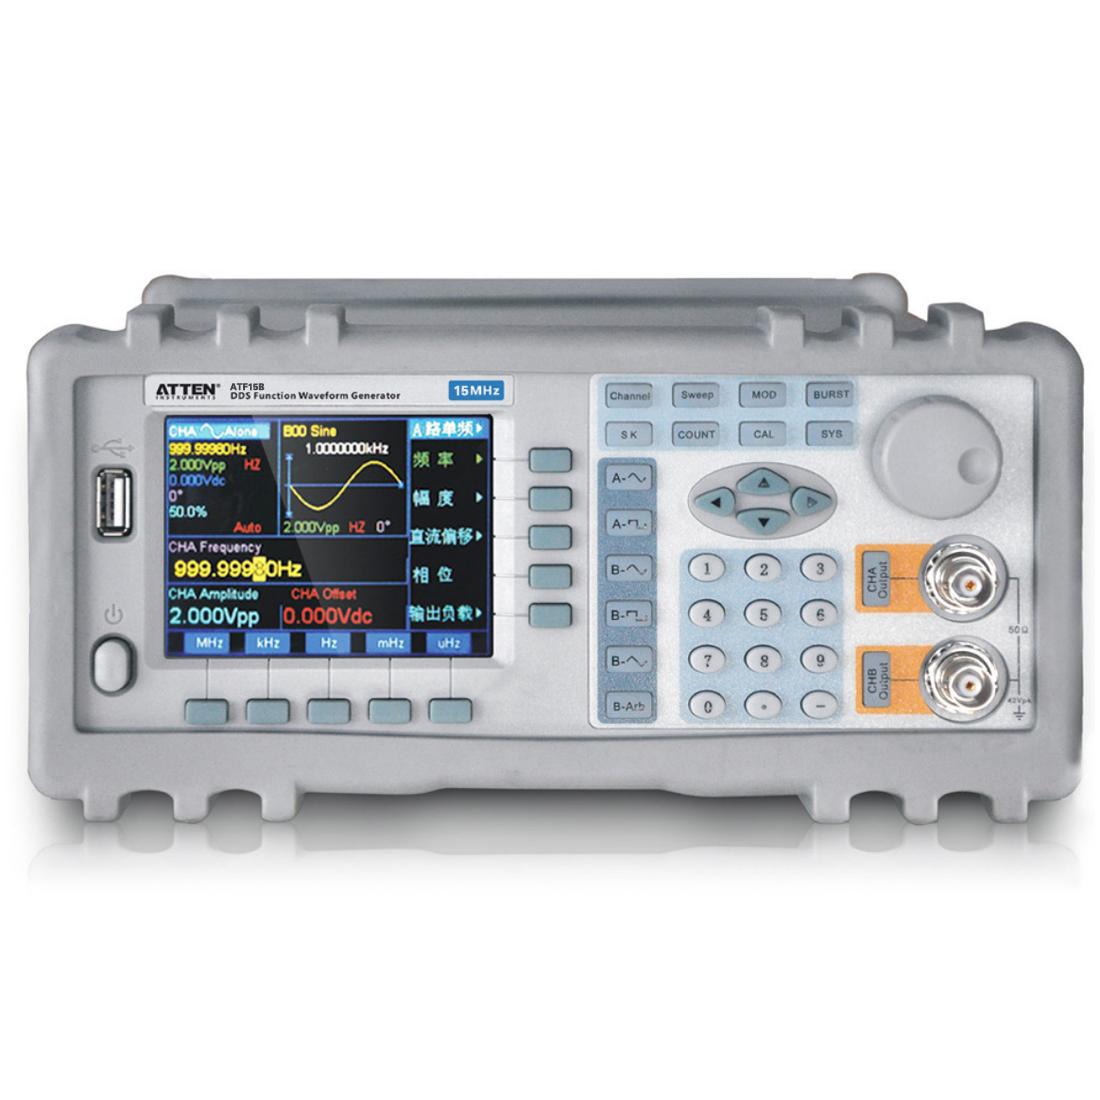 """选件介绍 1.频率计数器:如果用户选购了频率计数器,则仪器内会安装频率计数功能模块,其输入端连接到后面板上的""""外测输入""""插座。关于这个选件的使用方法在说明书中有详细叙述。 频率测量范围:1Hz~100MHz 输入信号幅度:100mVpp~20Vpp 2.功率放大器:如果用户选购了功率放大器,则机箱内会安装一块功率放大器板,这是一个与仪器无关的独立部件,其输入端连接到后面板上的""""功放输入""""插座,输出端连接到后面板上的""""2倍功放输出""""插"""